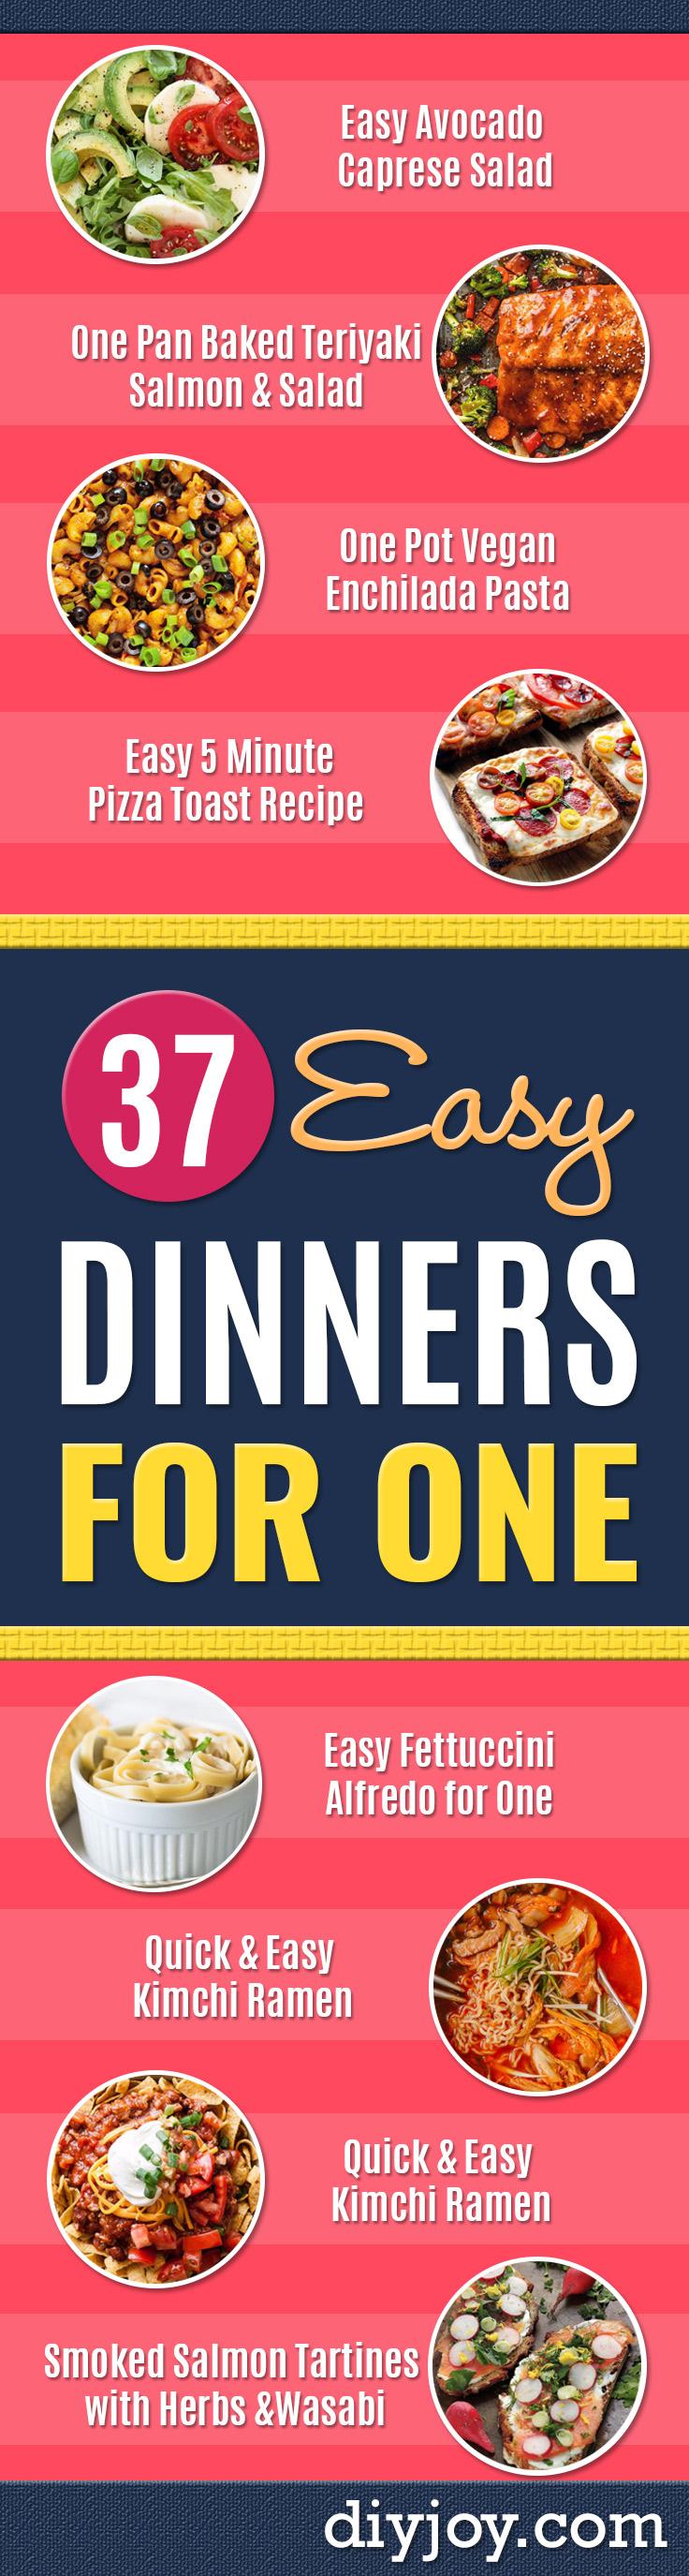 10 Elegant Simple Dinner Ideas For 1 37 easy dinners for one